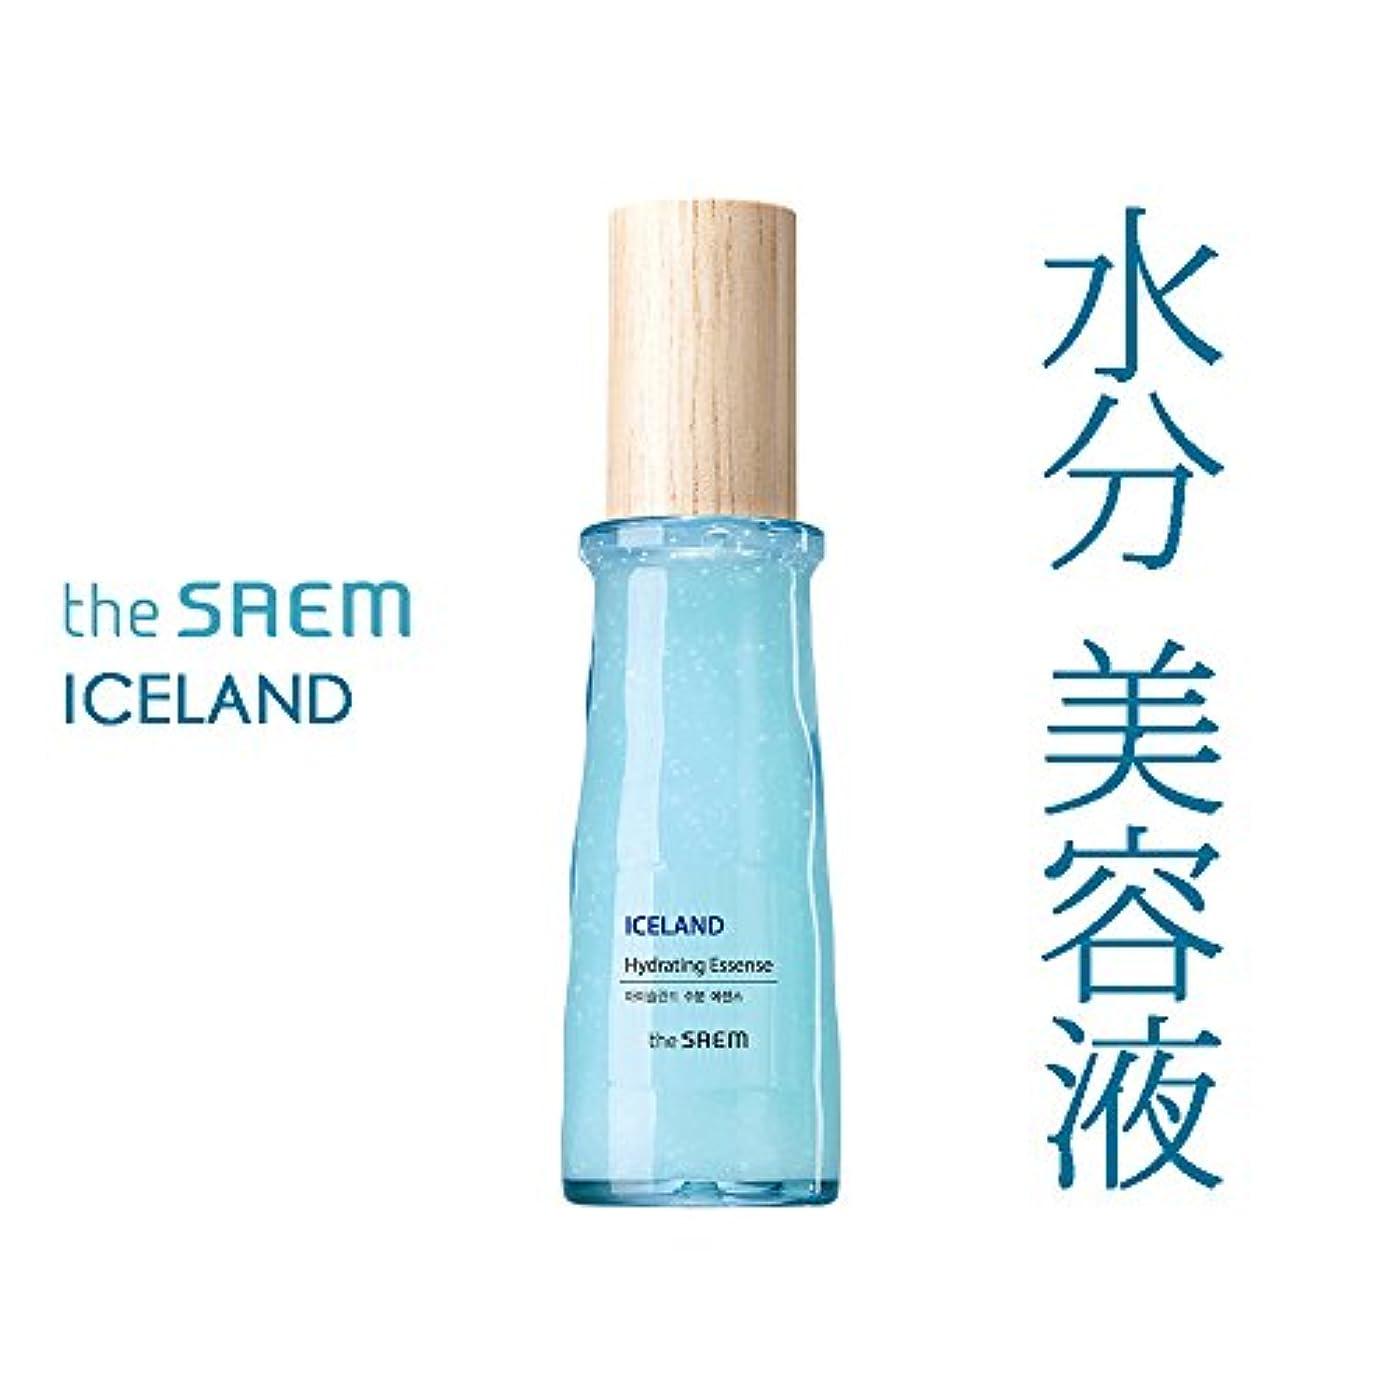 オーケストラ伝記実際のザ セム The saem アイスランド 水分 美容液 エッセンス The Saem Iceland Hydrating Essence 60ml